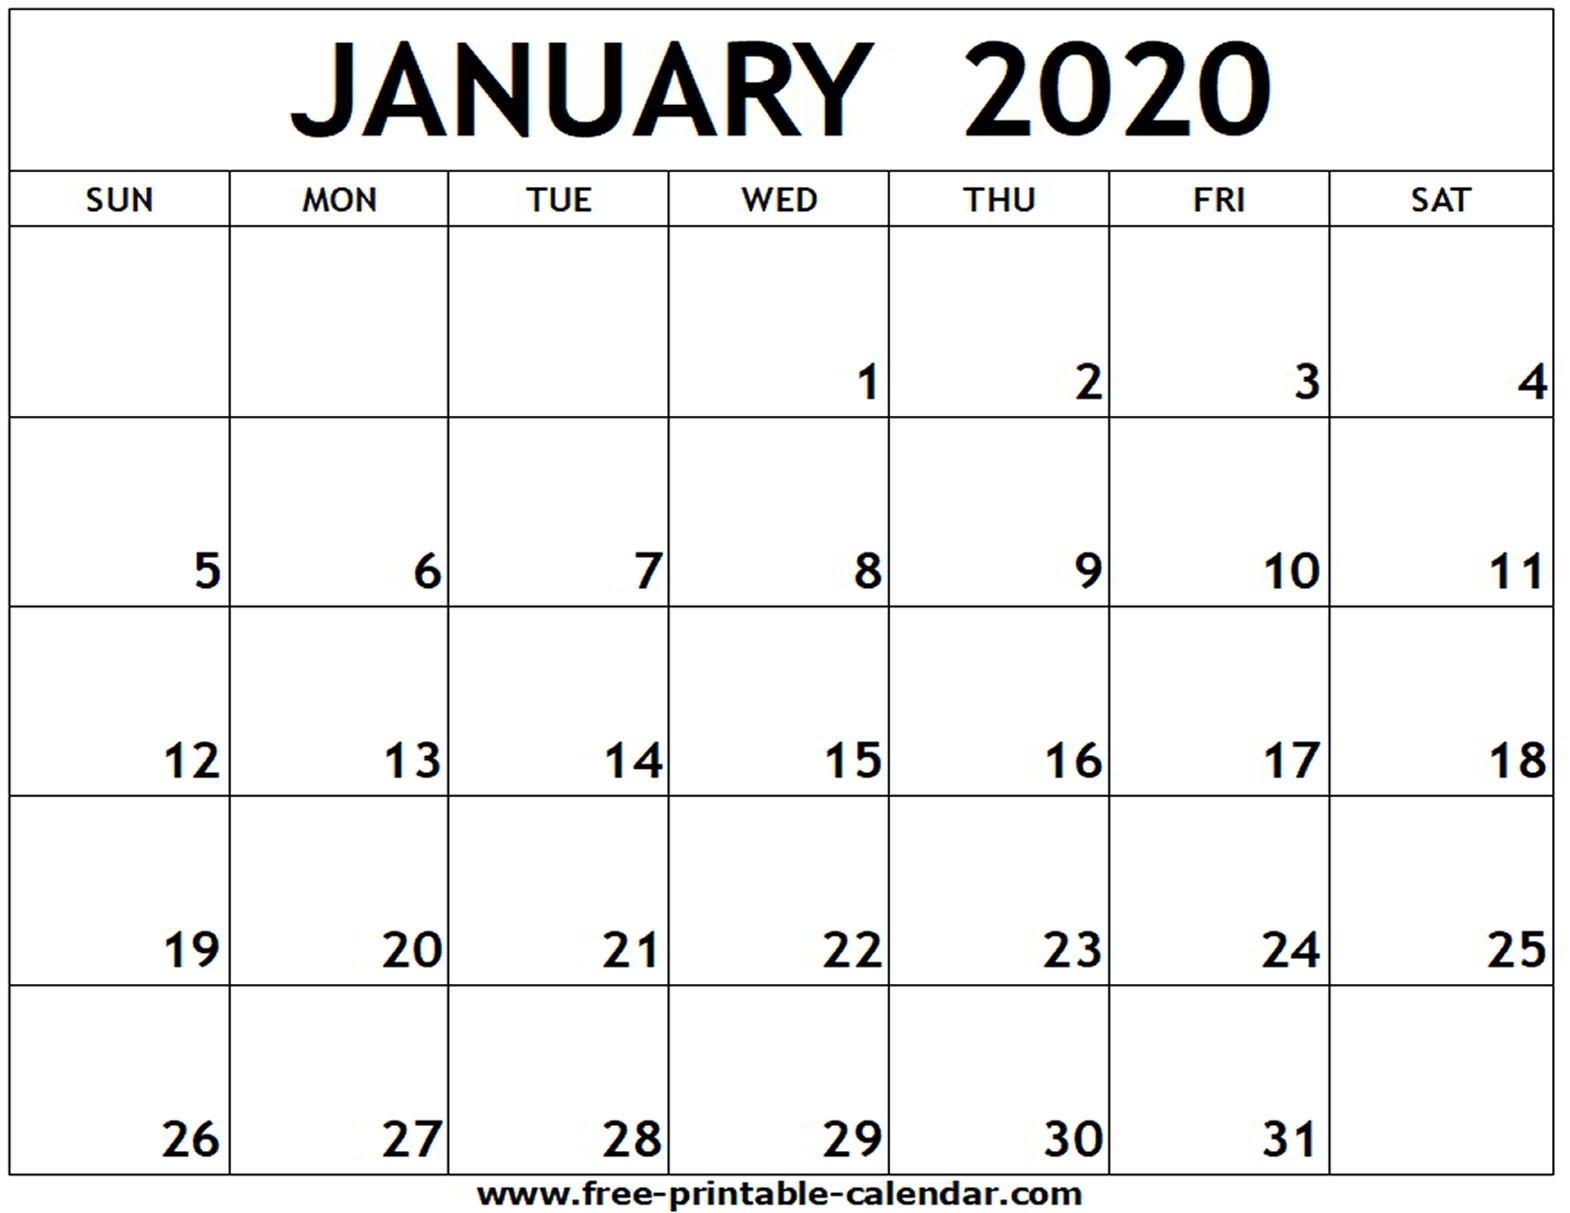 January 2020 Printable Calendar - Free-Printable-Calendar-Printable January 2020 Calendar Word